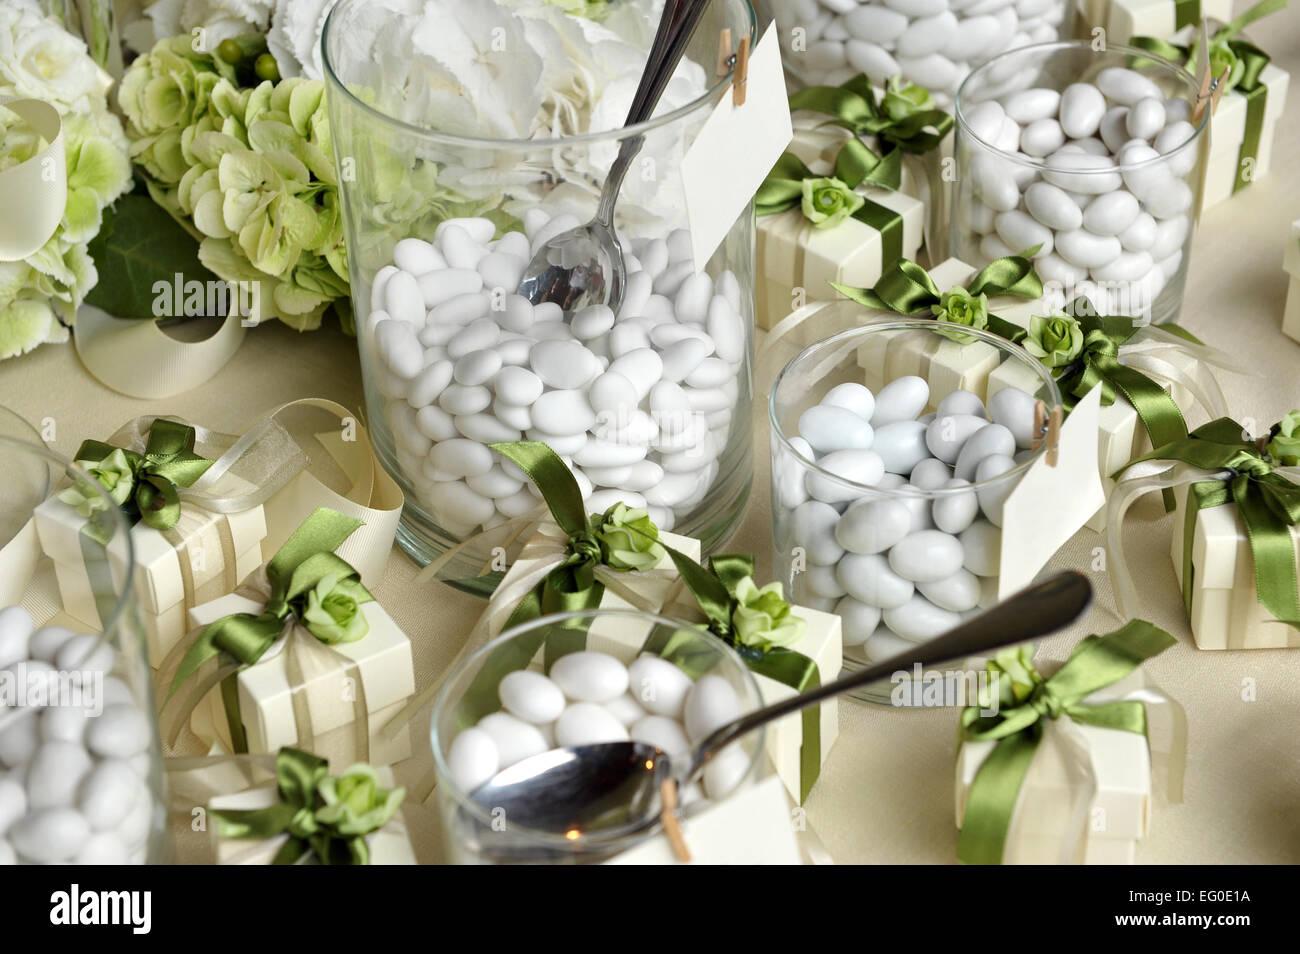 Zuckermandeln auf kleine Gläser und kleine Geschenkboxen Stockbild